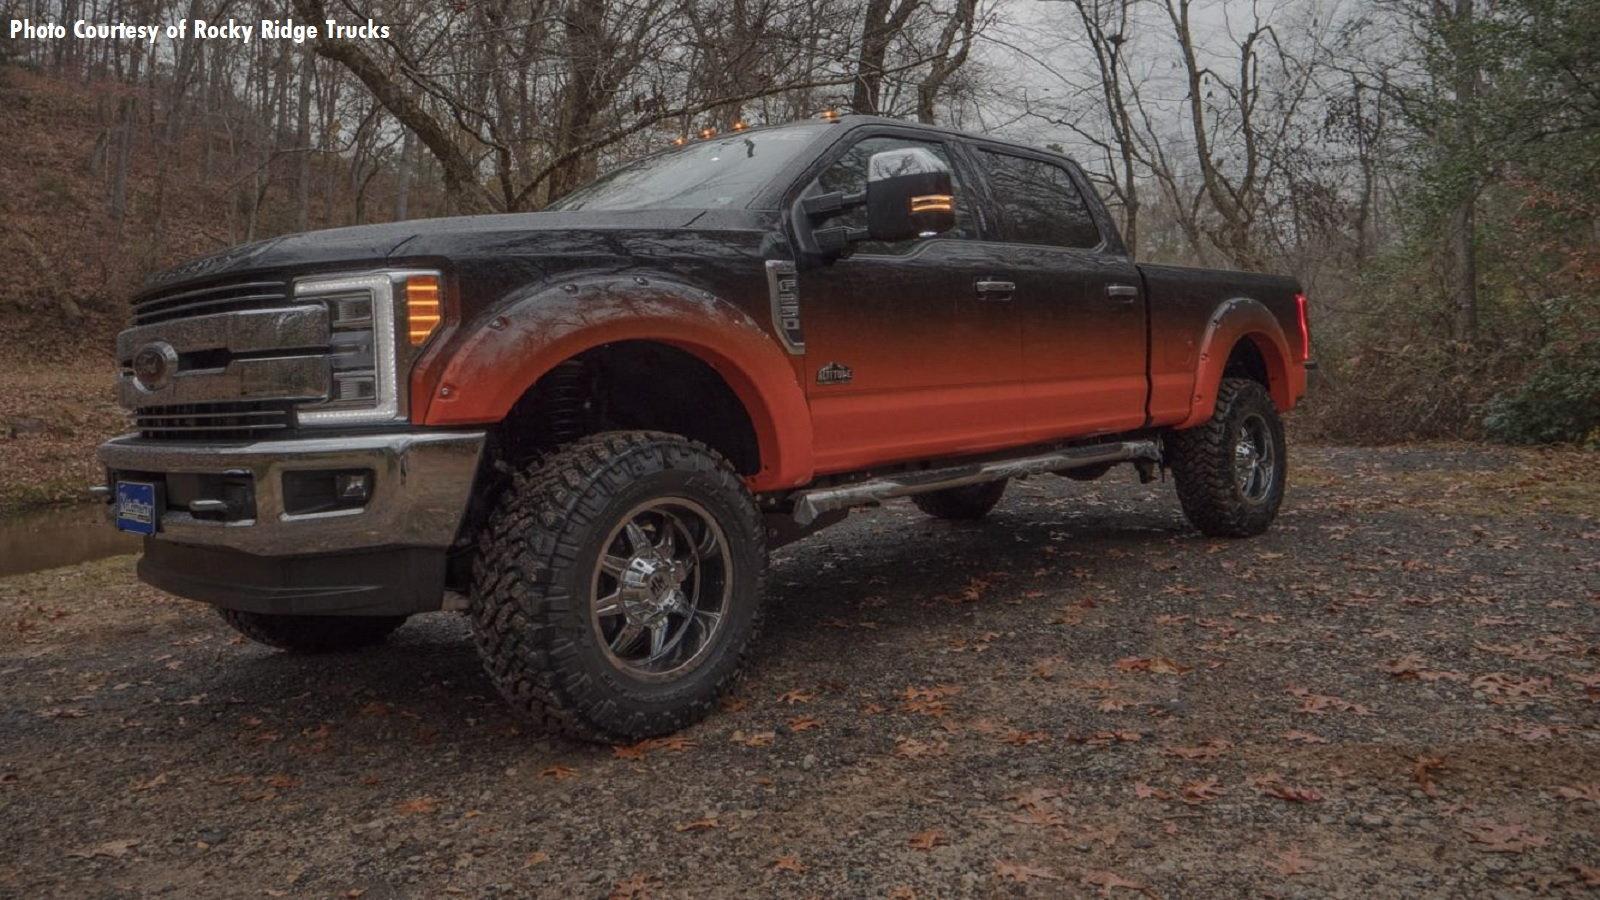 Rocky Ridge Trucks Make Offroader Dreams Come True